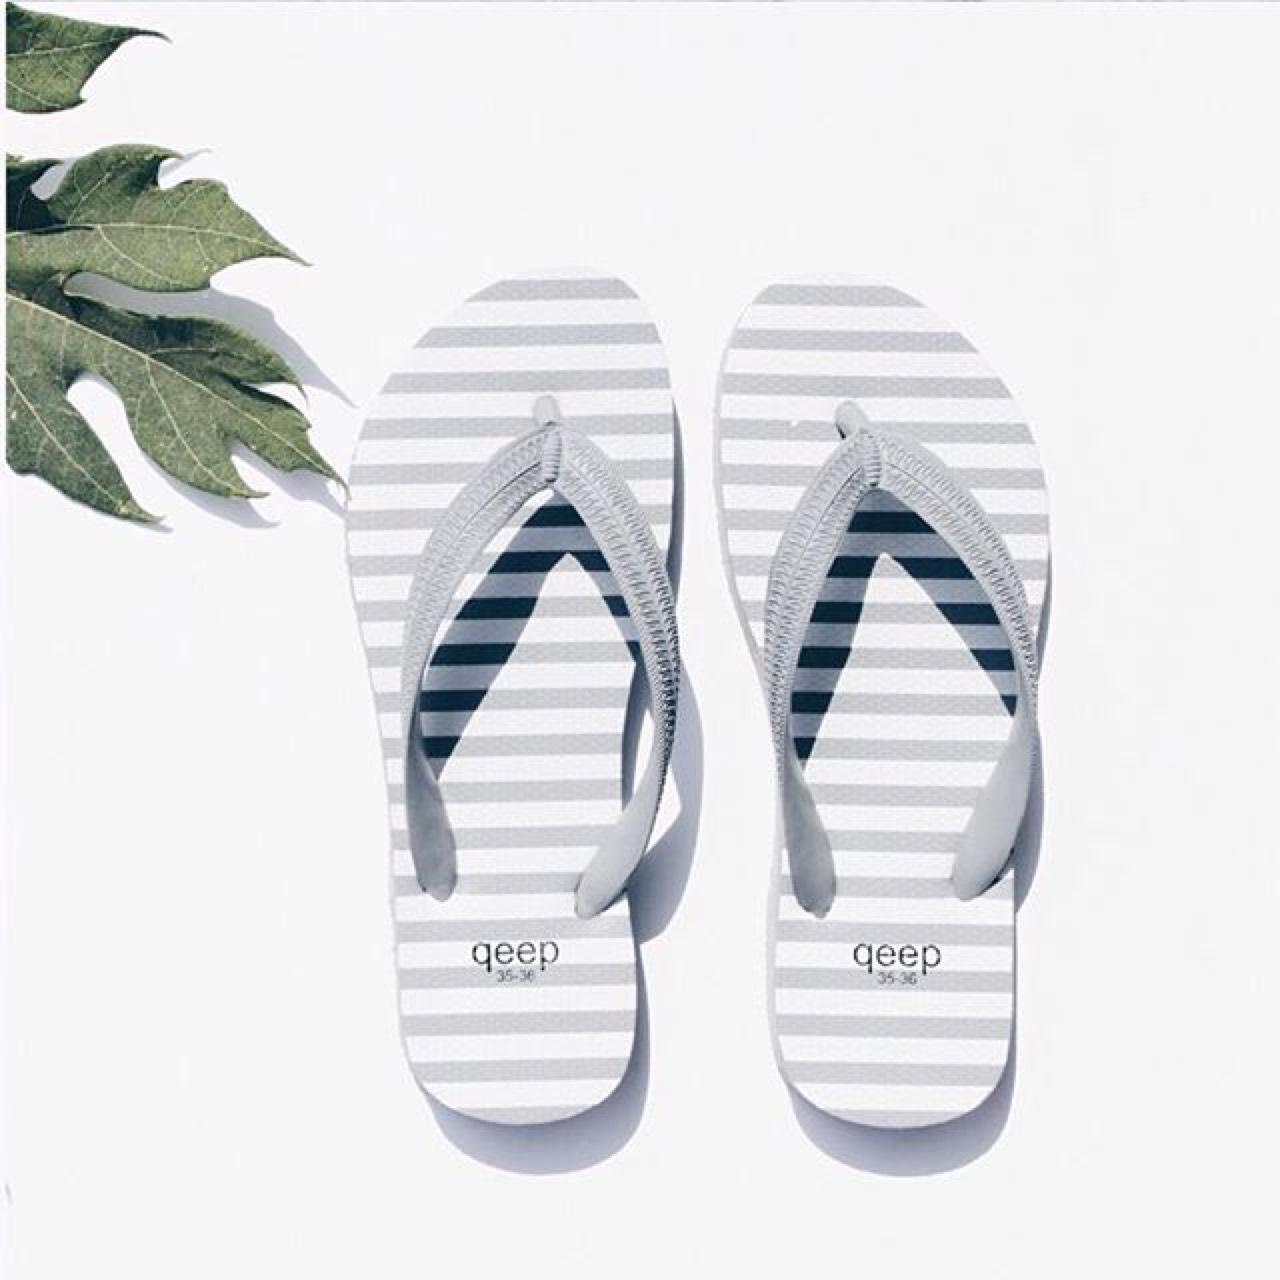 รองเท้าแตะ,รองเท้าแตะหูคีบชื่อคี้ป,รองเท้า,หูคีบ,รองเท้าแตะหูคีบ,คี้ป,qeep,รองเท้าแฟชั่น,รองเท้าผู้หญิง,รองเท้าผู้ชาย,รองเท้าแตะผู้หญิง,รองเท้าแตะผู้ชาย,รองเท้าน่ารัก,รองเท้าแตะเท่,น่ารัก,เท่,สวย,นิ่ม,เบา,สบาย,ใส่สบาย,แบรนด์ไทย,ยางพารา,thaibrand,siam,pastel,design,slipper,cool,comfort,TheQeepStore